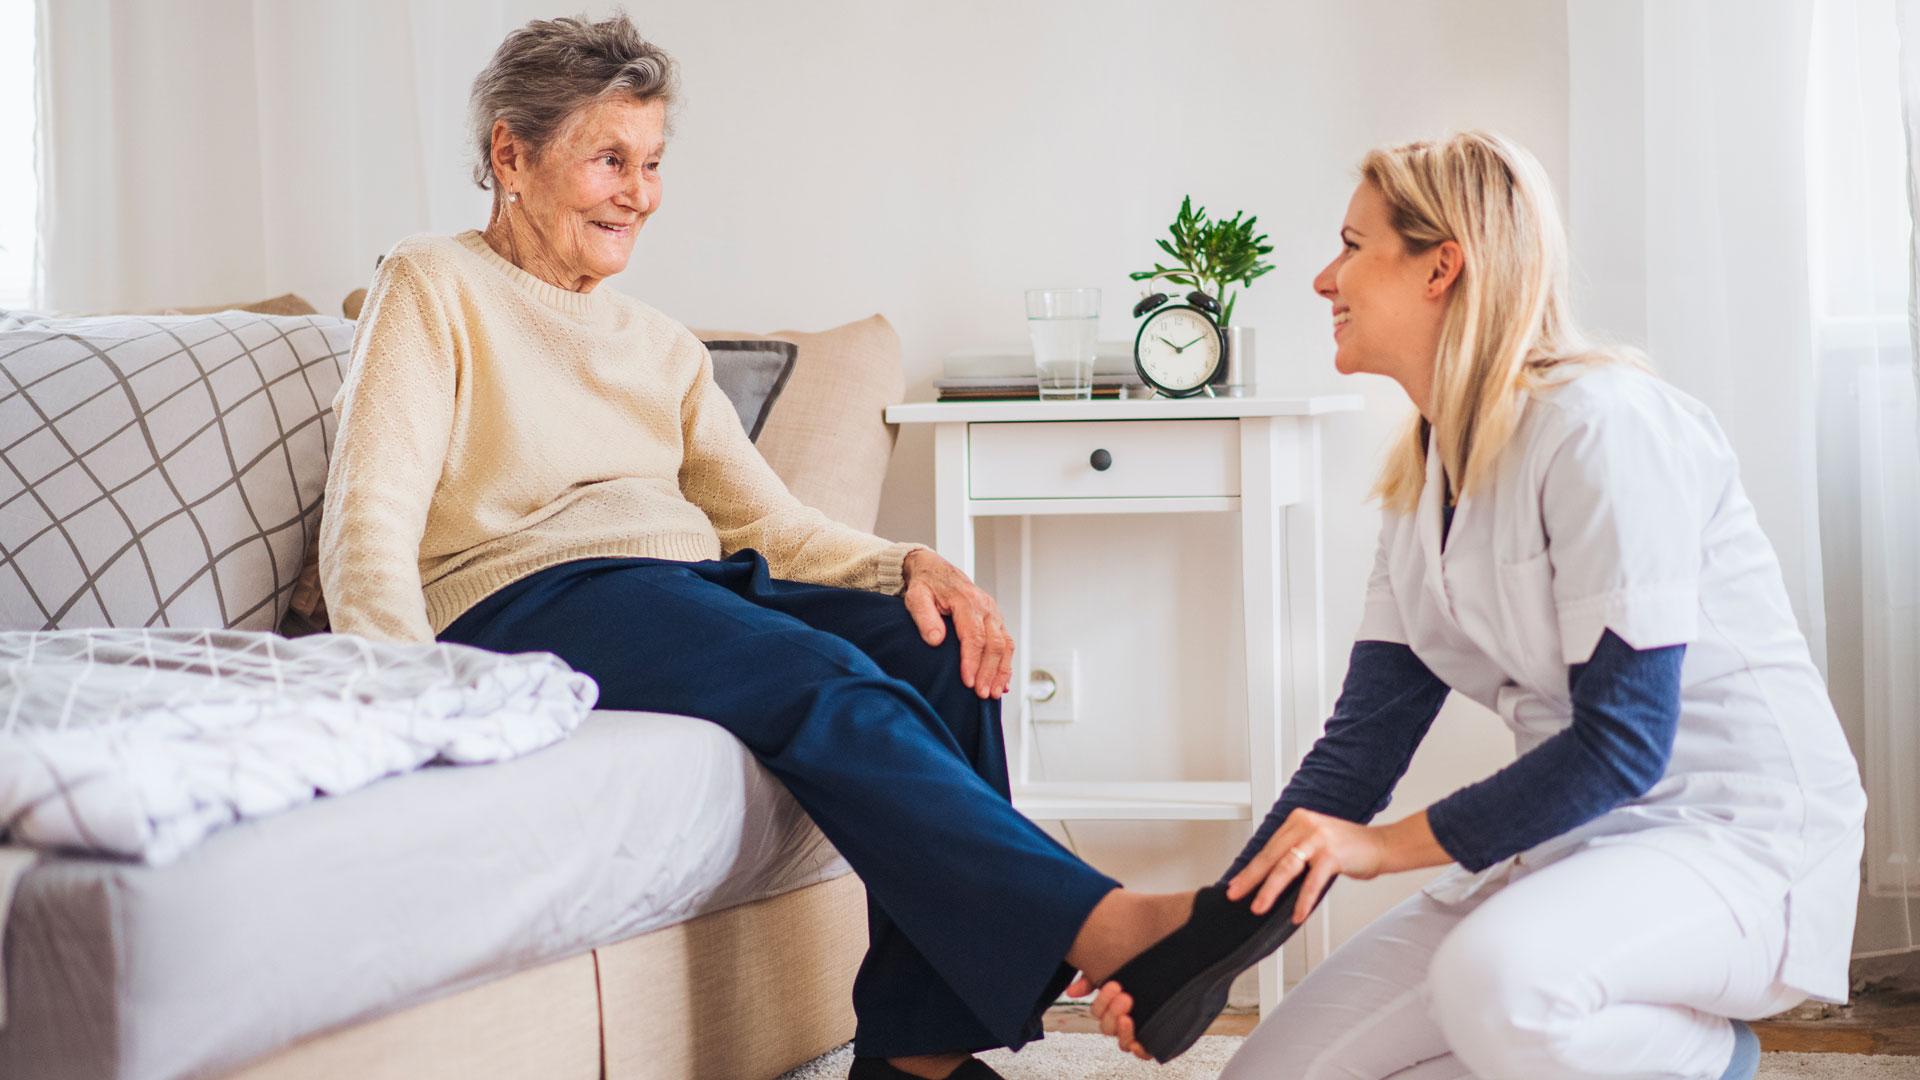 Une jeune femme aide une personne âgée à se chausser